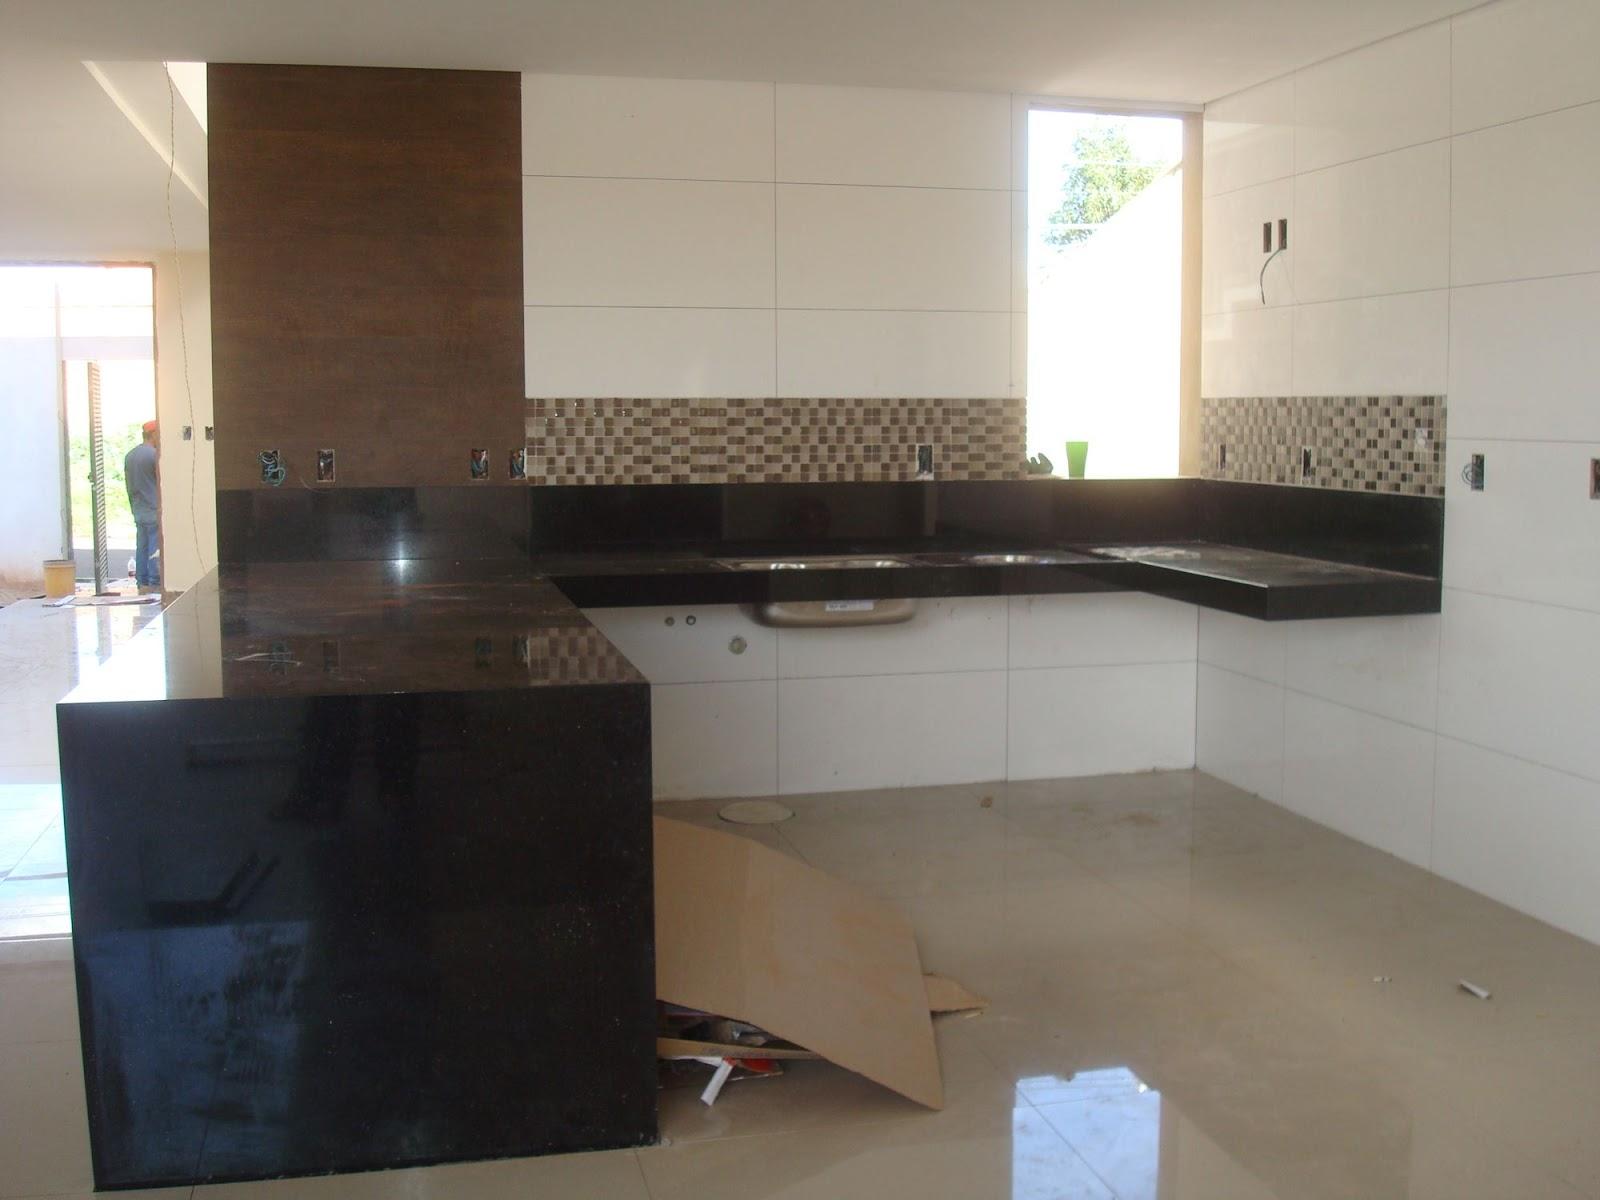 Usado nas paredes da cozinha lavanderia e banheiro da churrasqueira #345F97 1600 1200